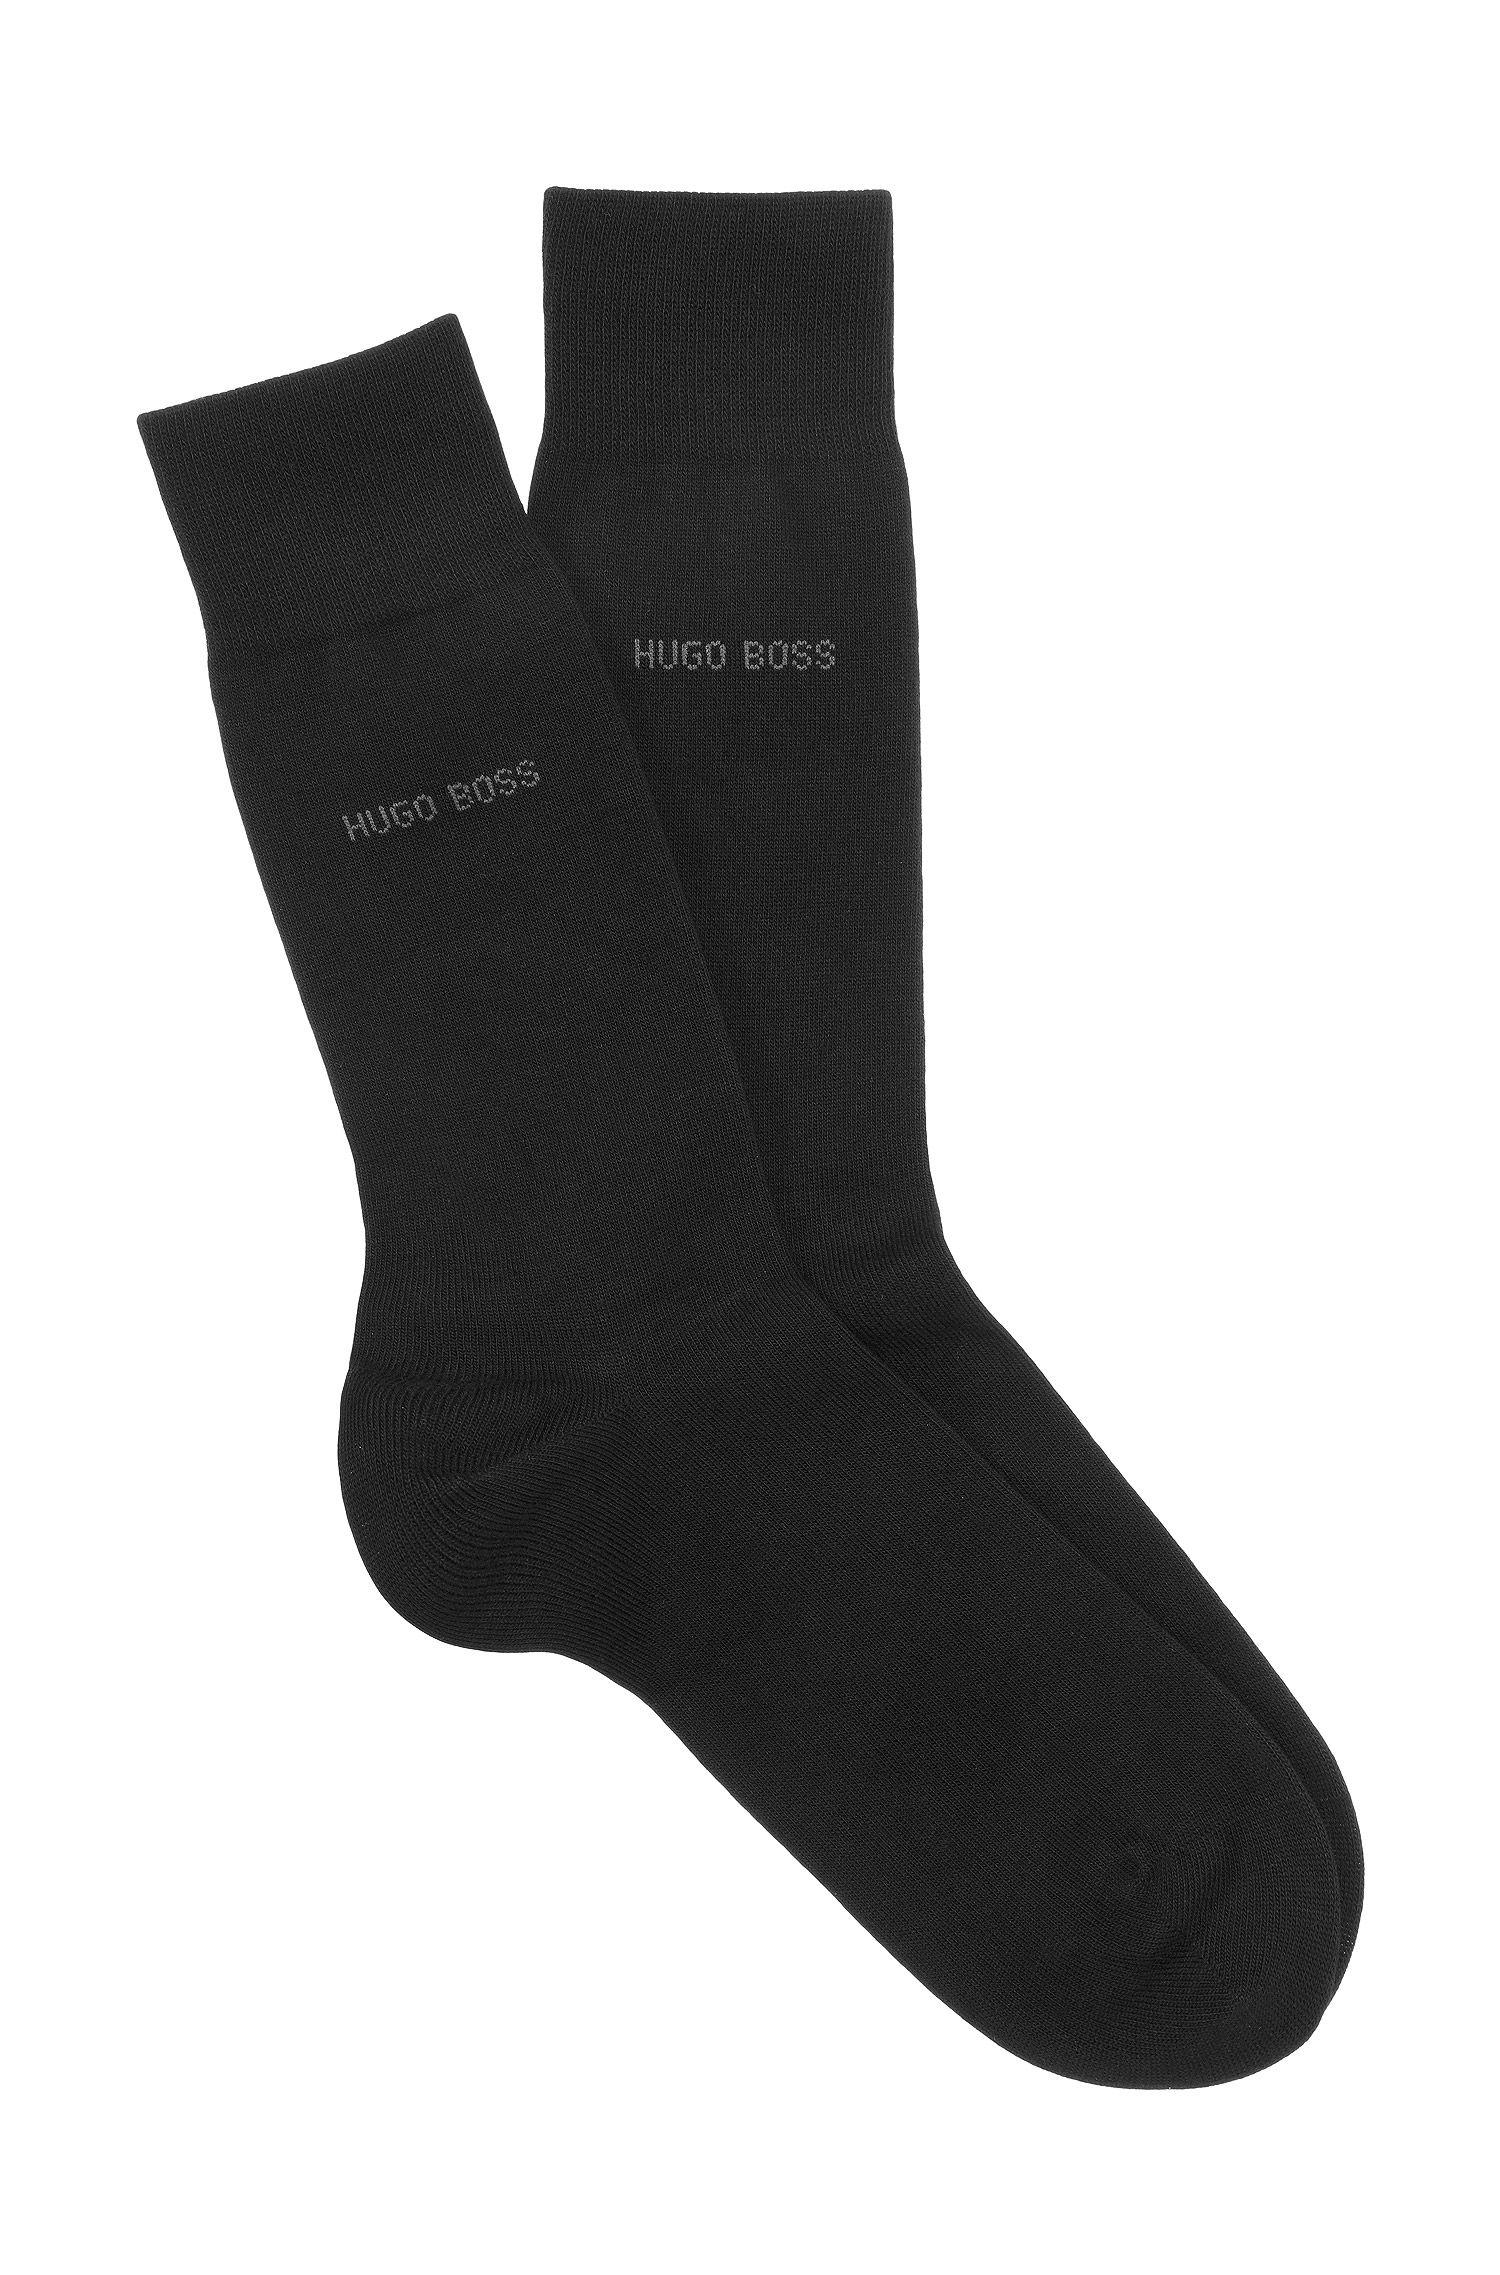 Socken aus Baumwoll-Mix mit verstärkten Belastungszonen